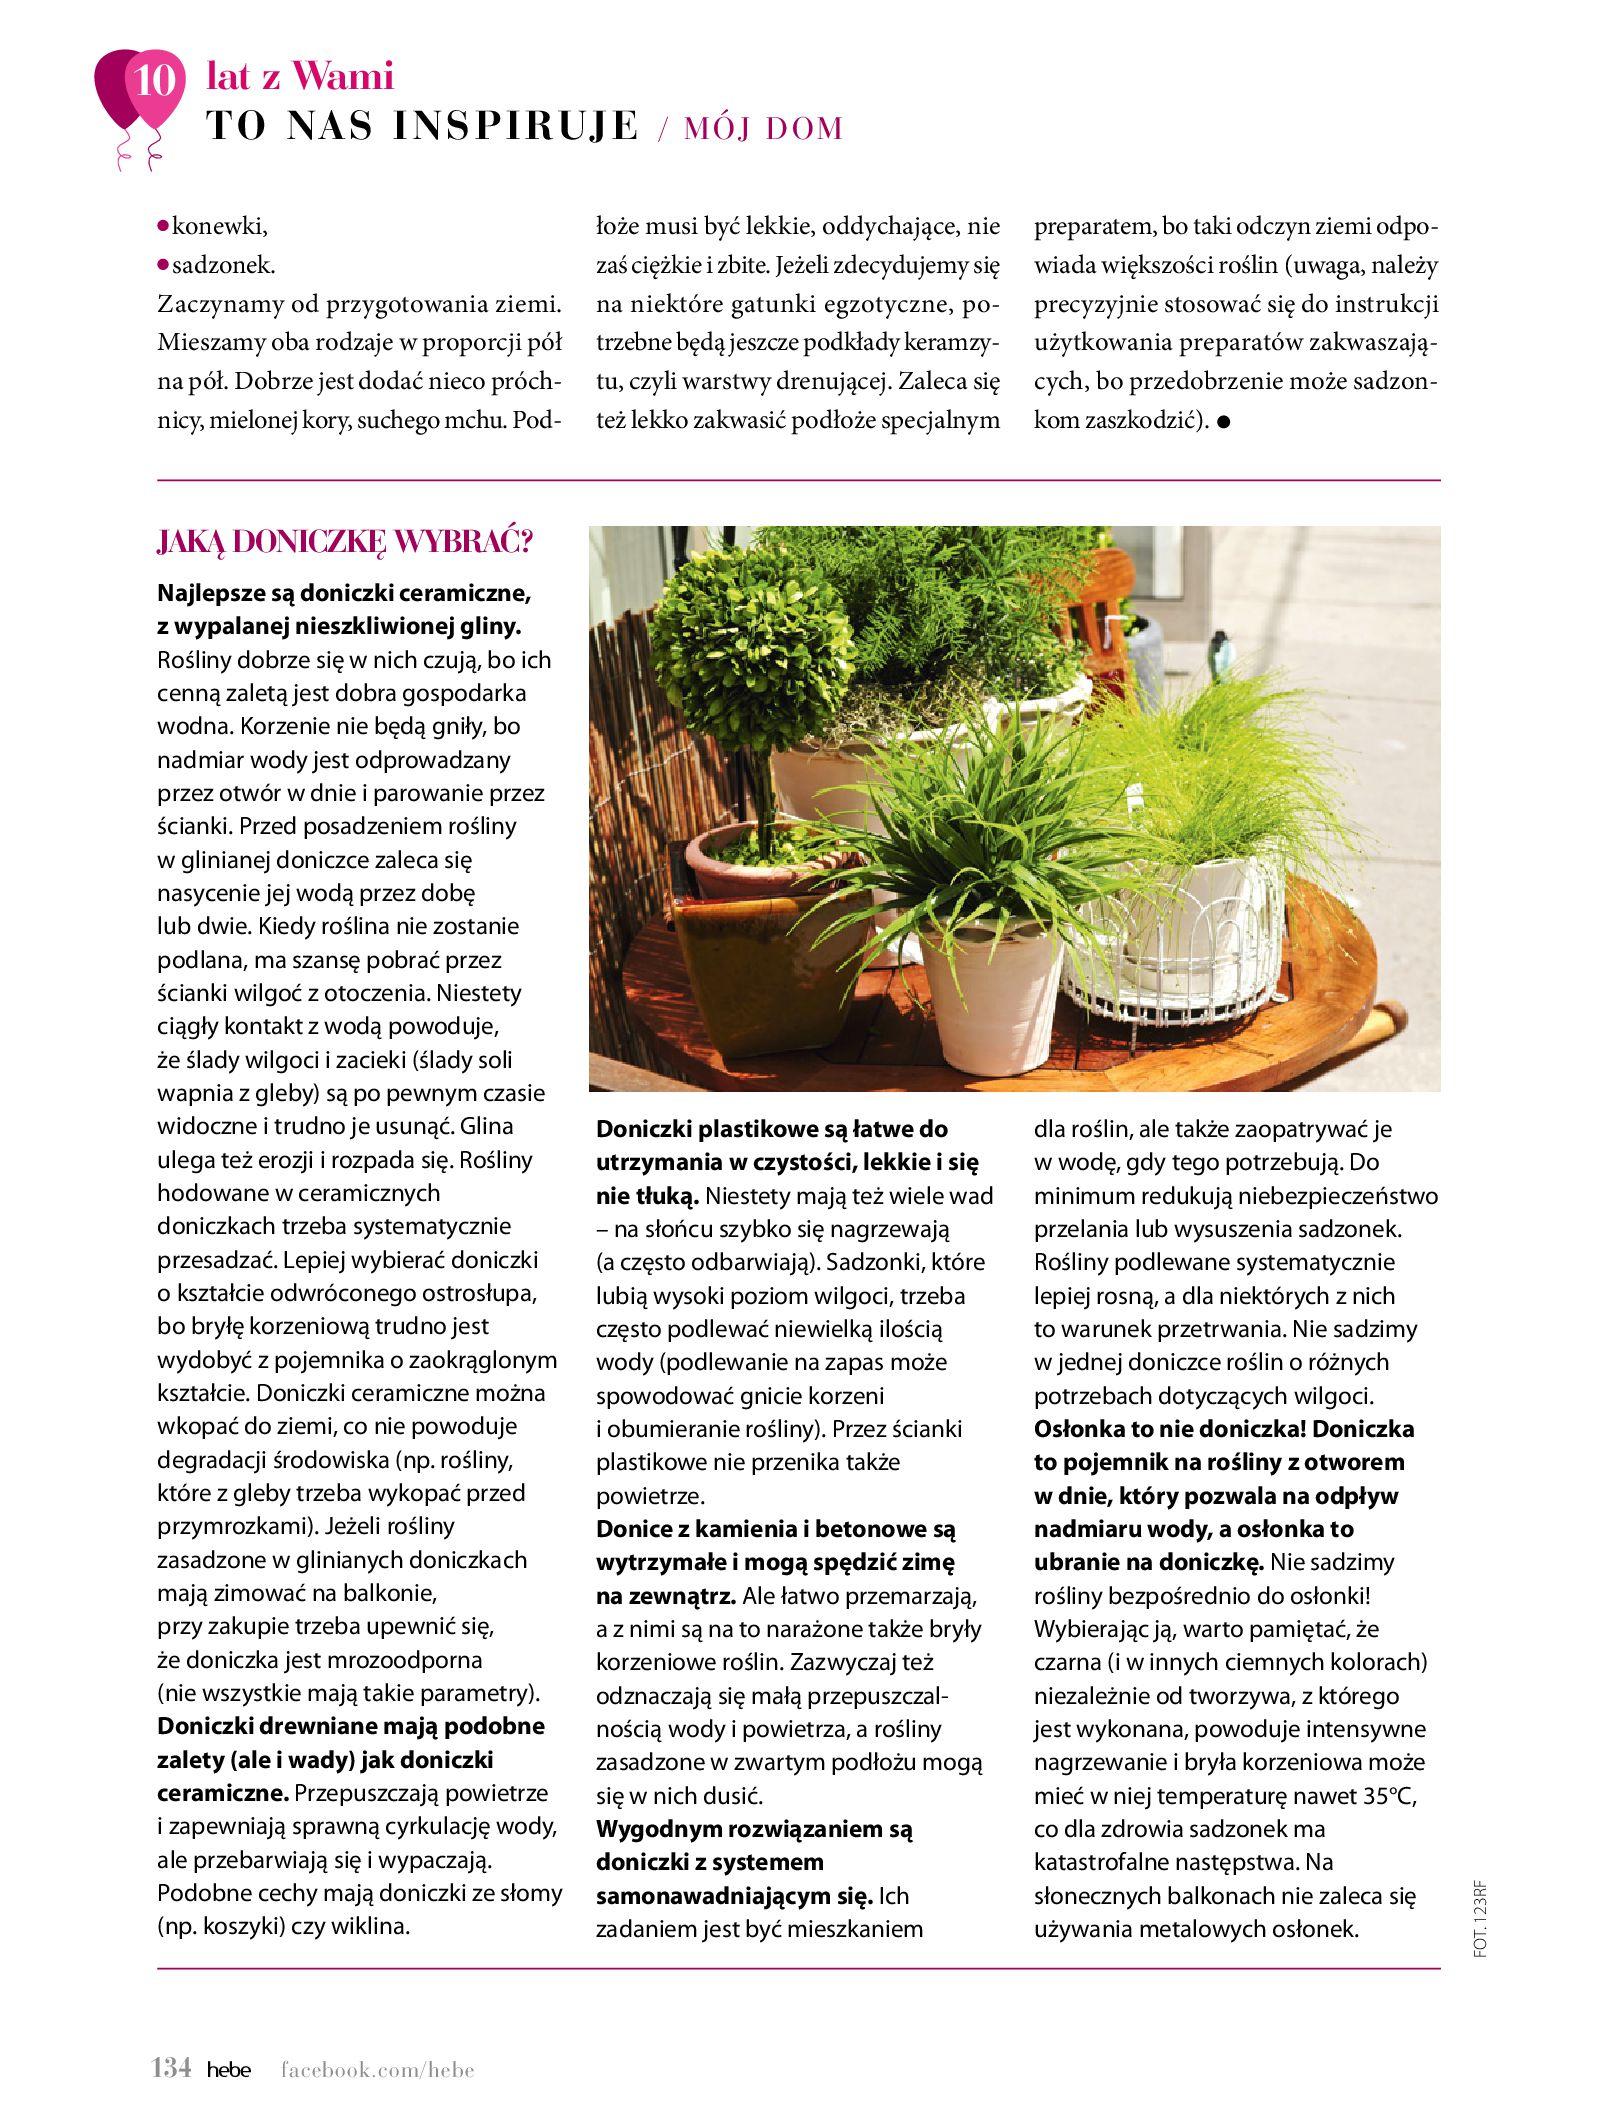 Gazetka hebe: Gazetka Hebe - Magazyn  2021-05-01 page-134